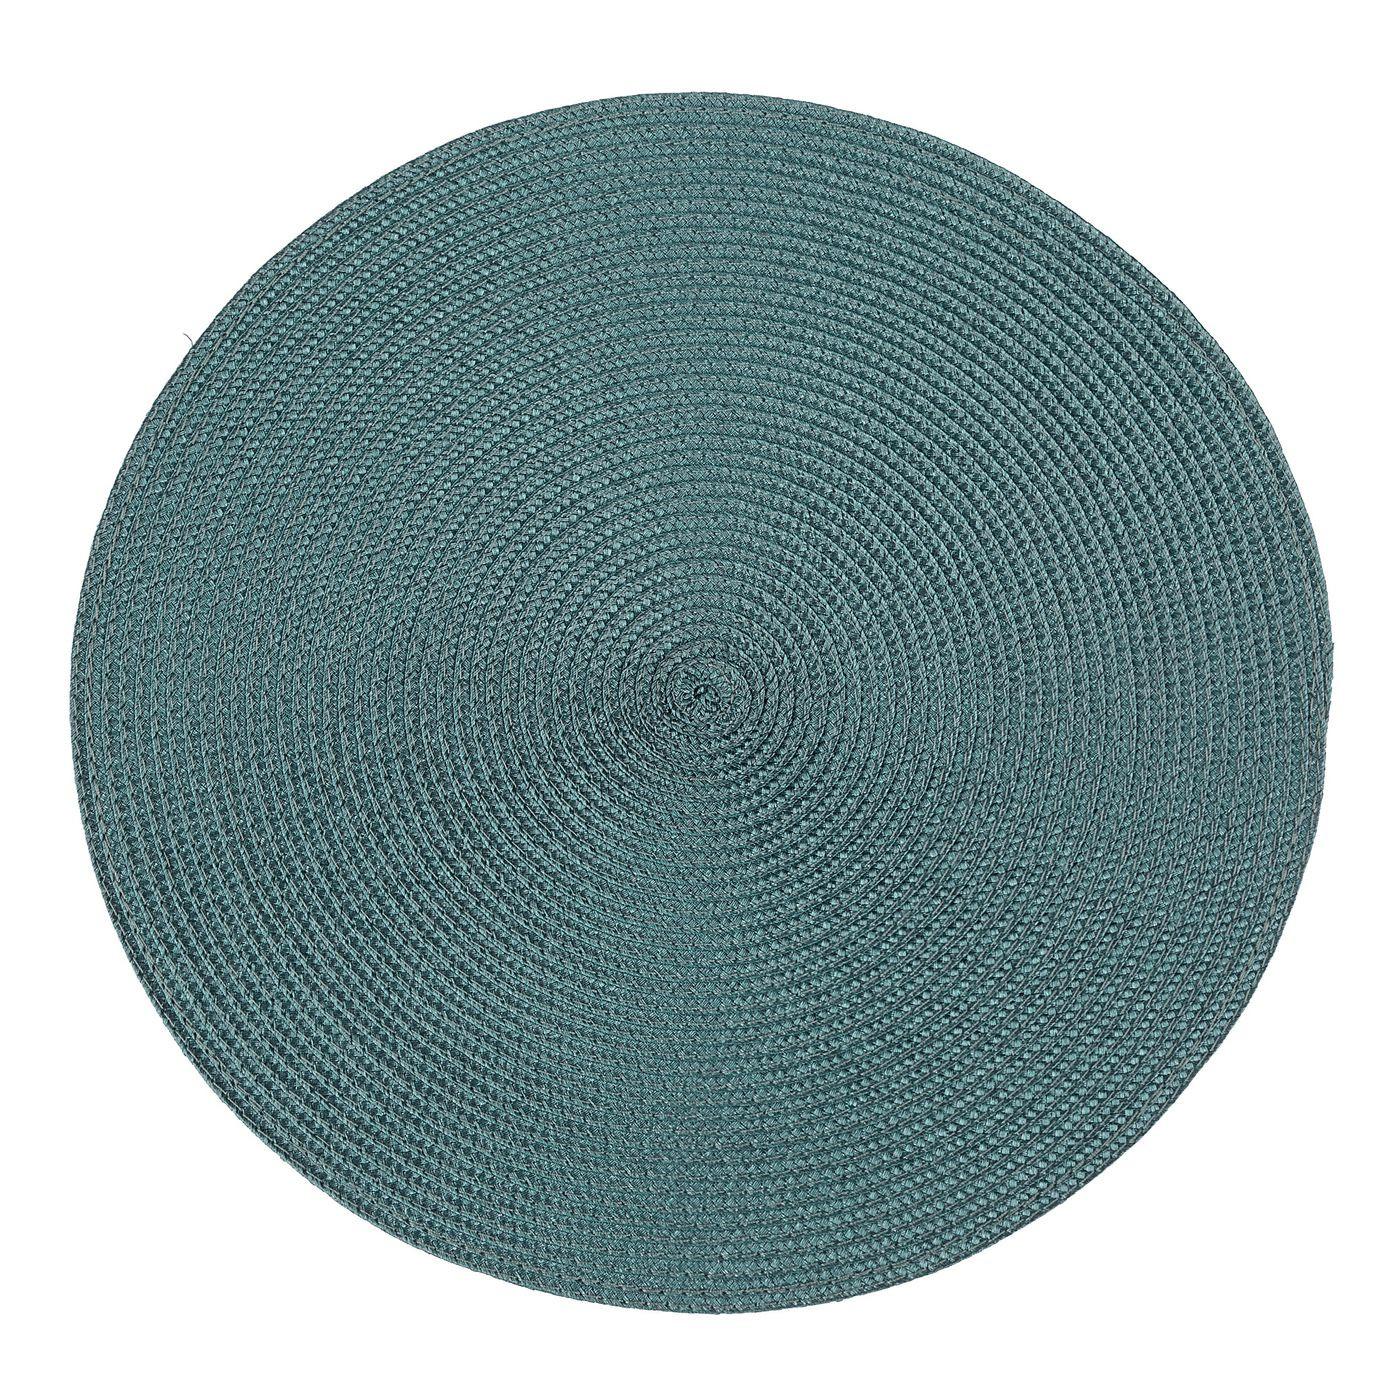 Okrągła podkładka stołowa ciemny turkus średnica 38 cm